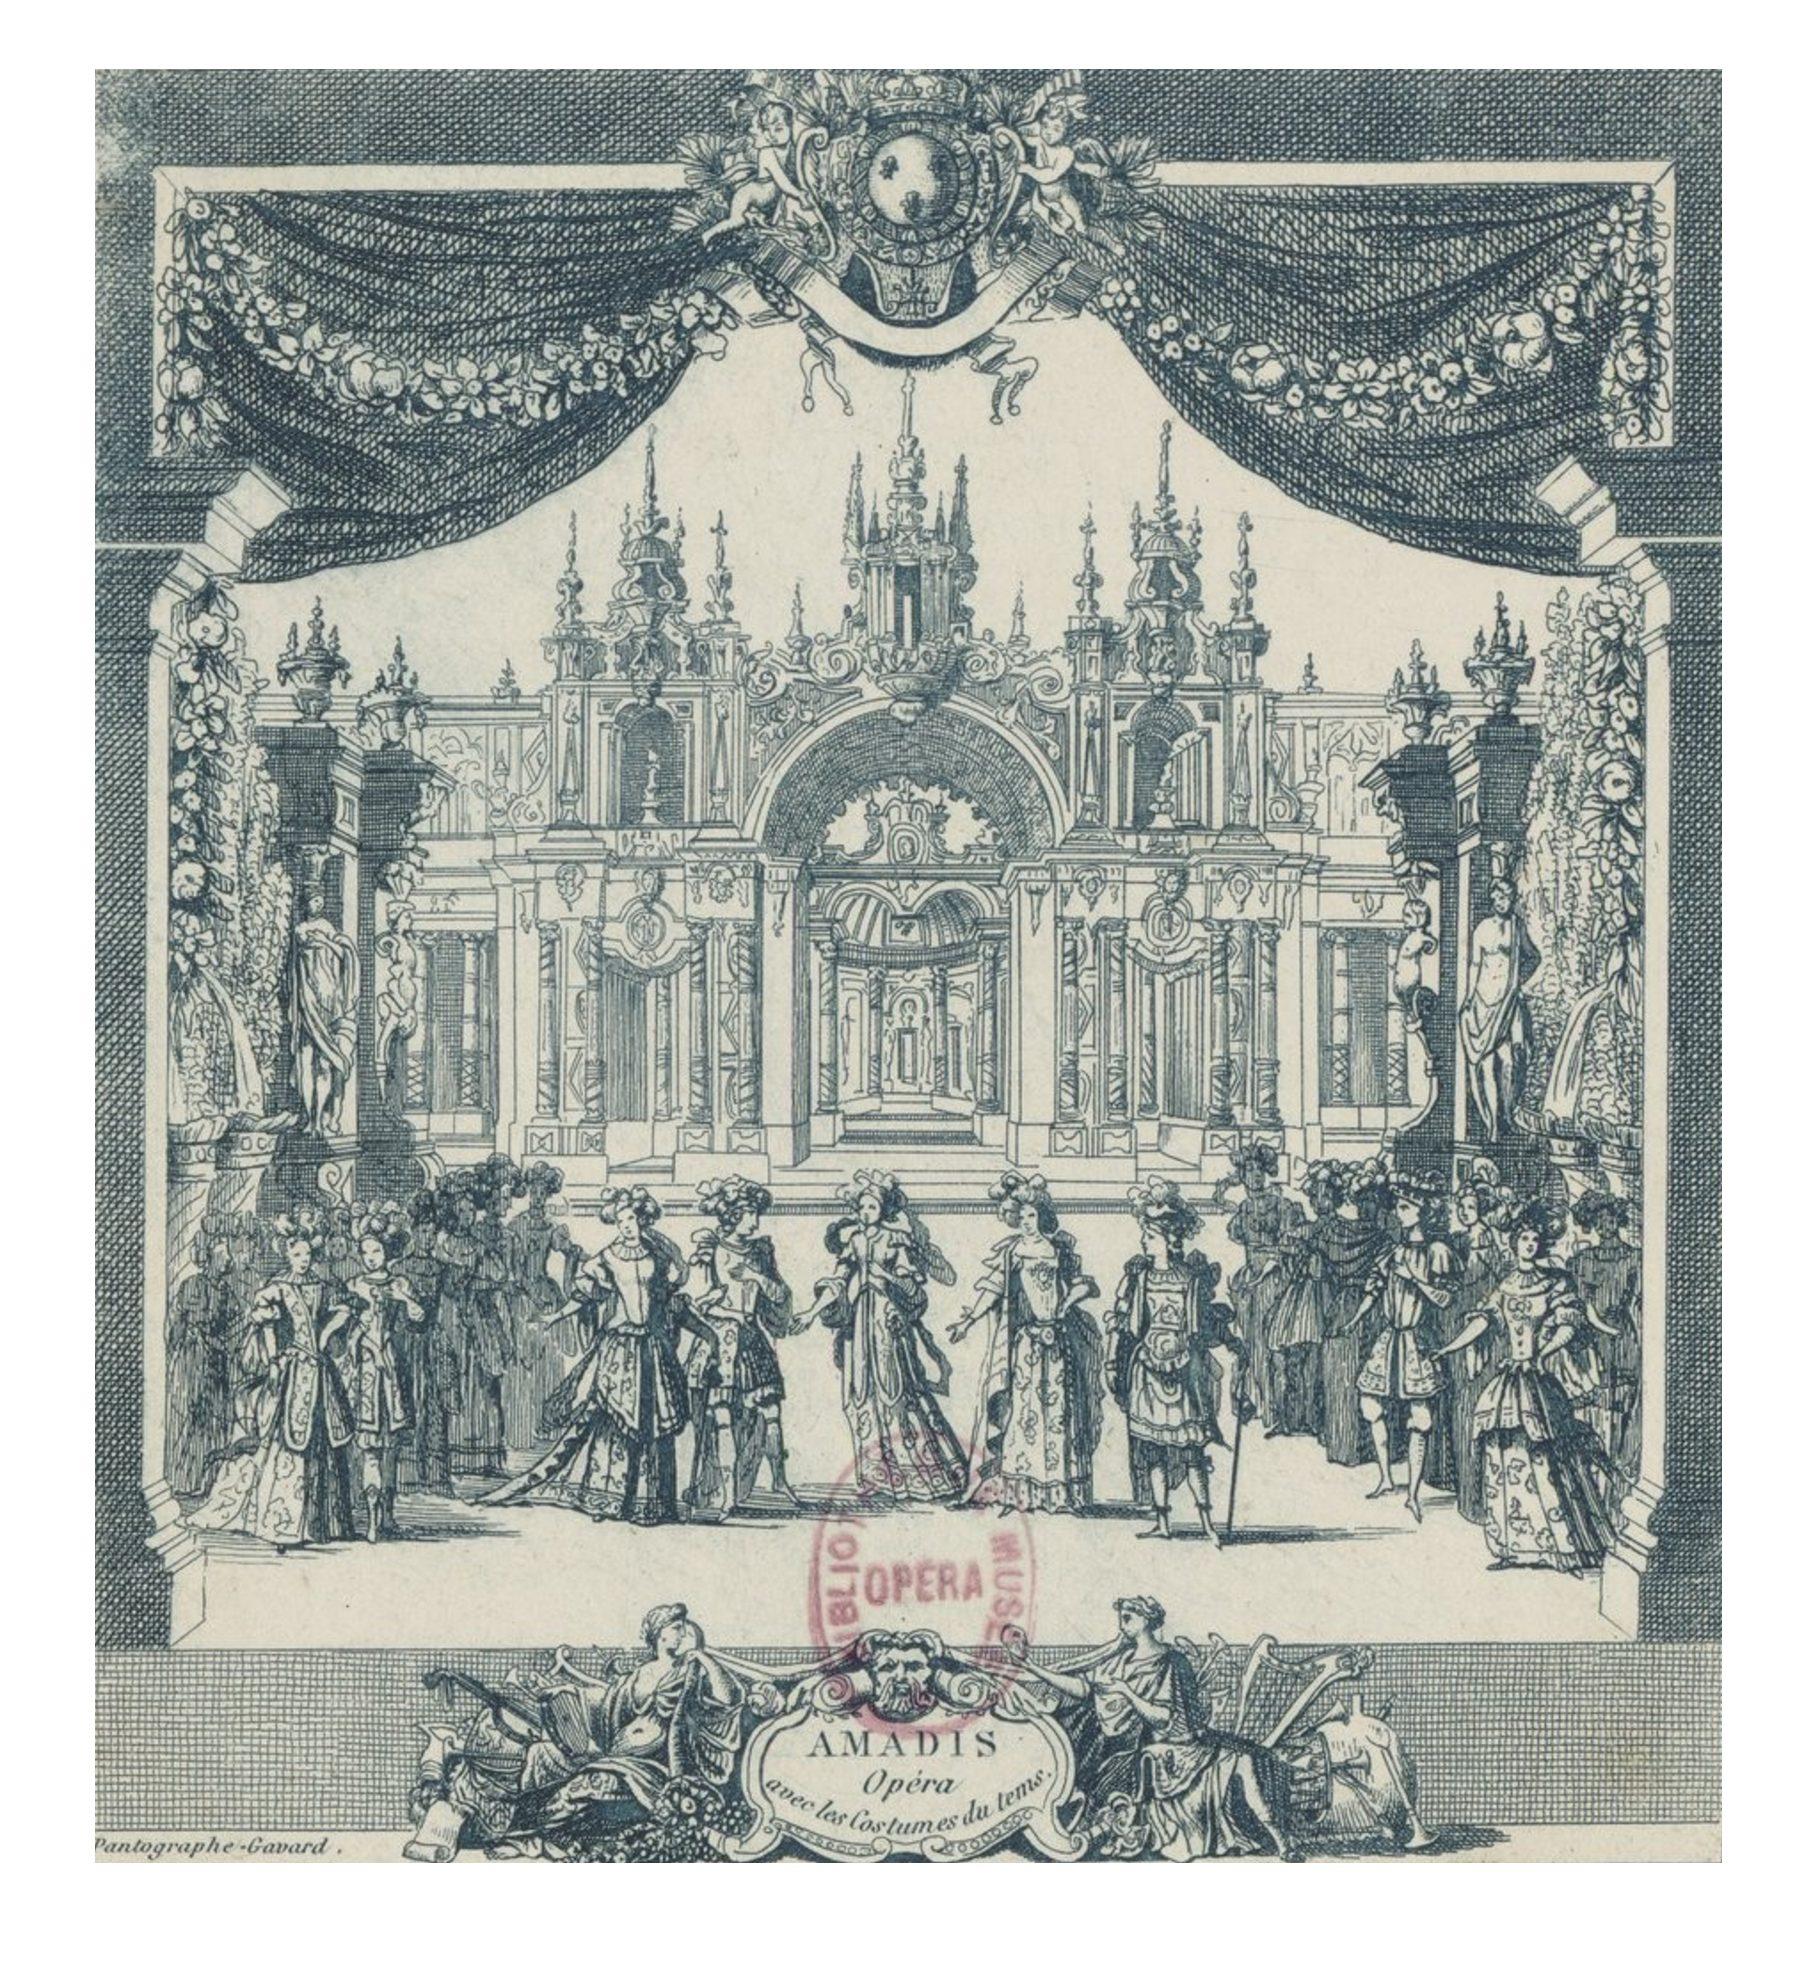 Le choix des sujets d'opéra par Louis XIV : une affaire de goût ?